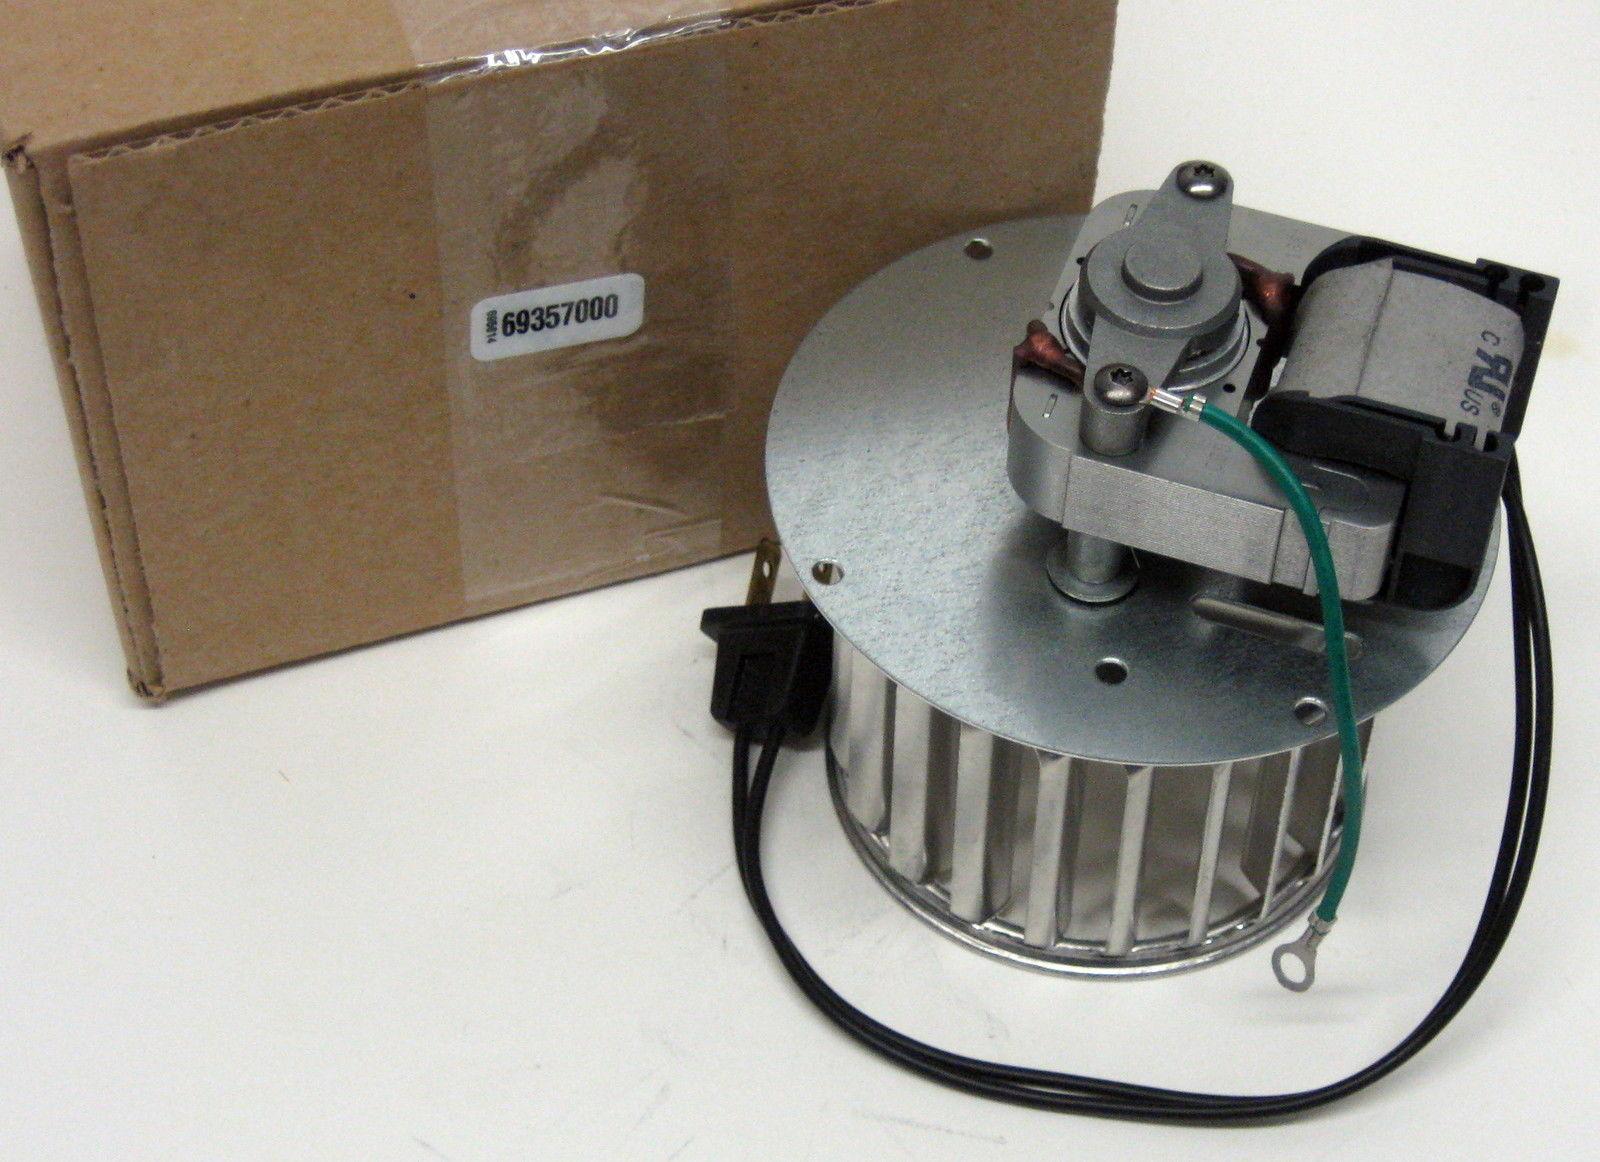 https www ebay com itm 69357000 broan nutone bathroom exhaust blower motor vent fan wheel 381459998132